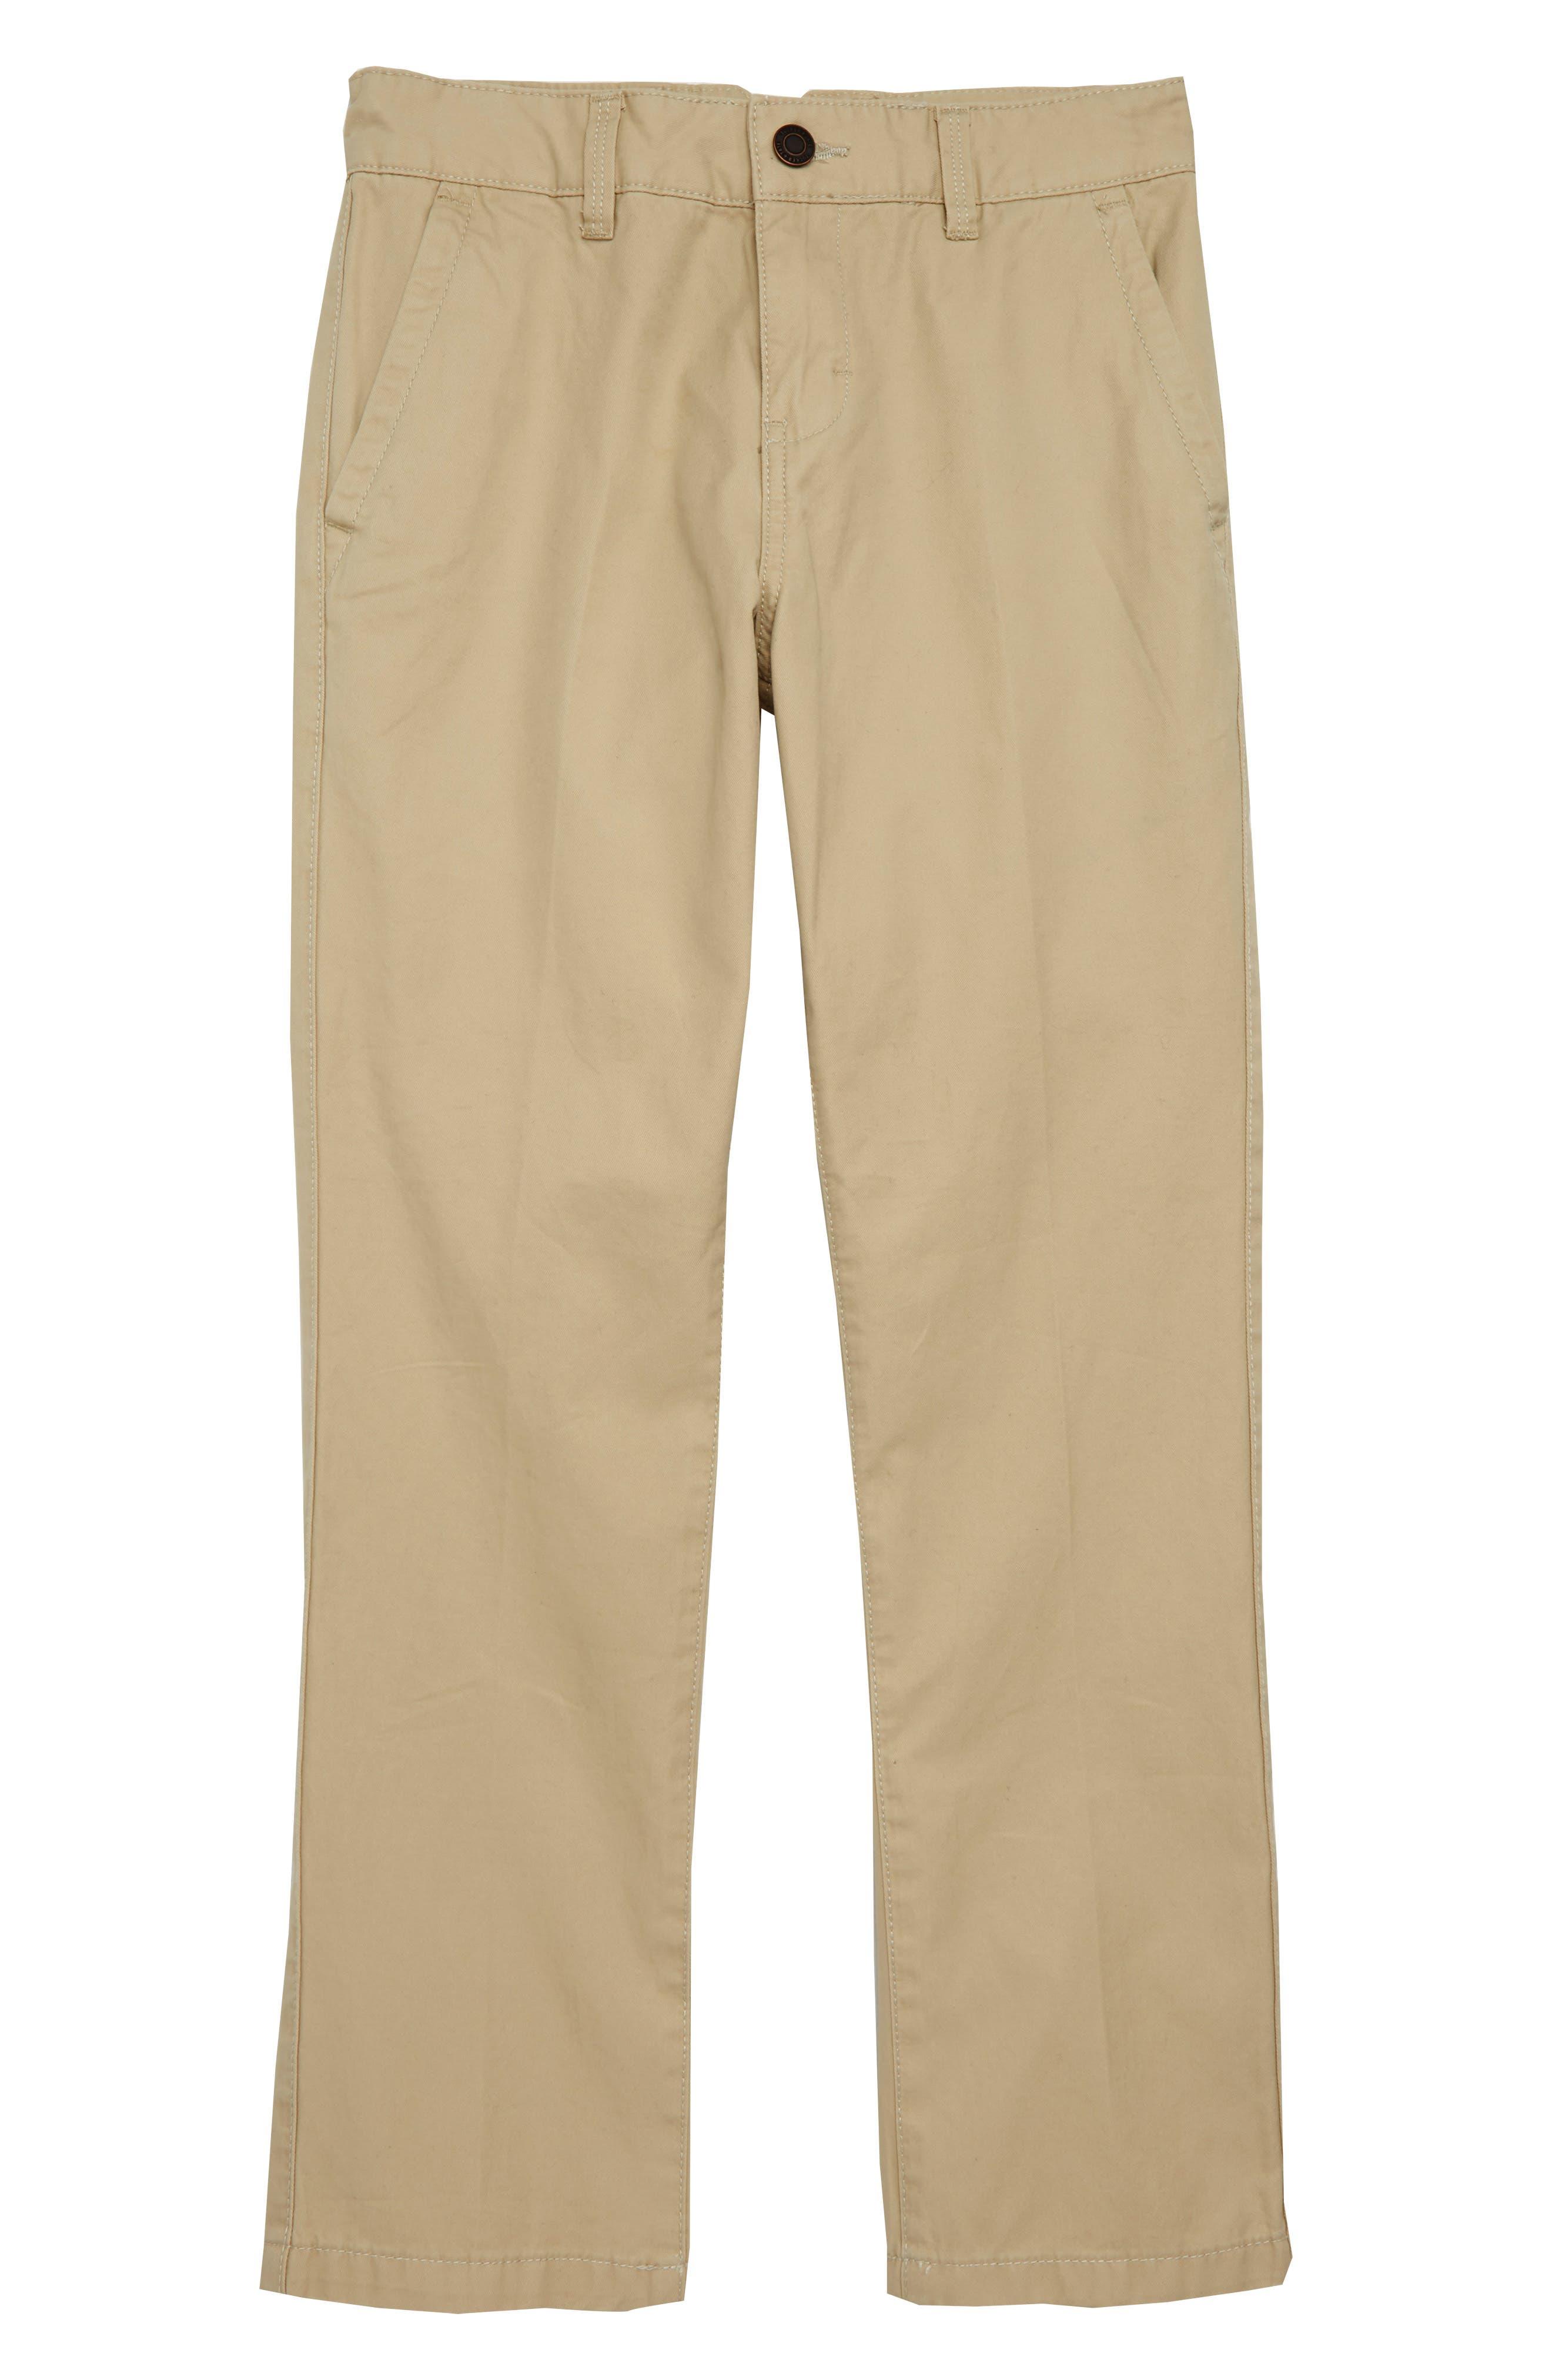 Chino Pants,                         Main,                         color, TAN STOCK